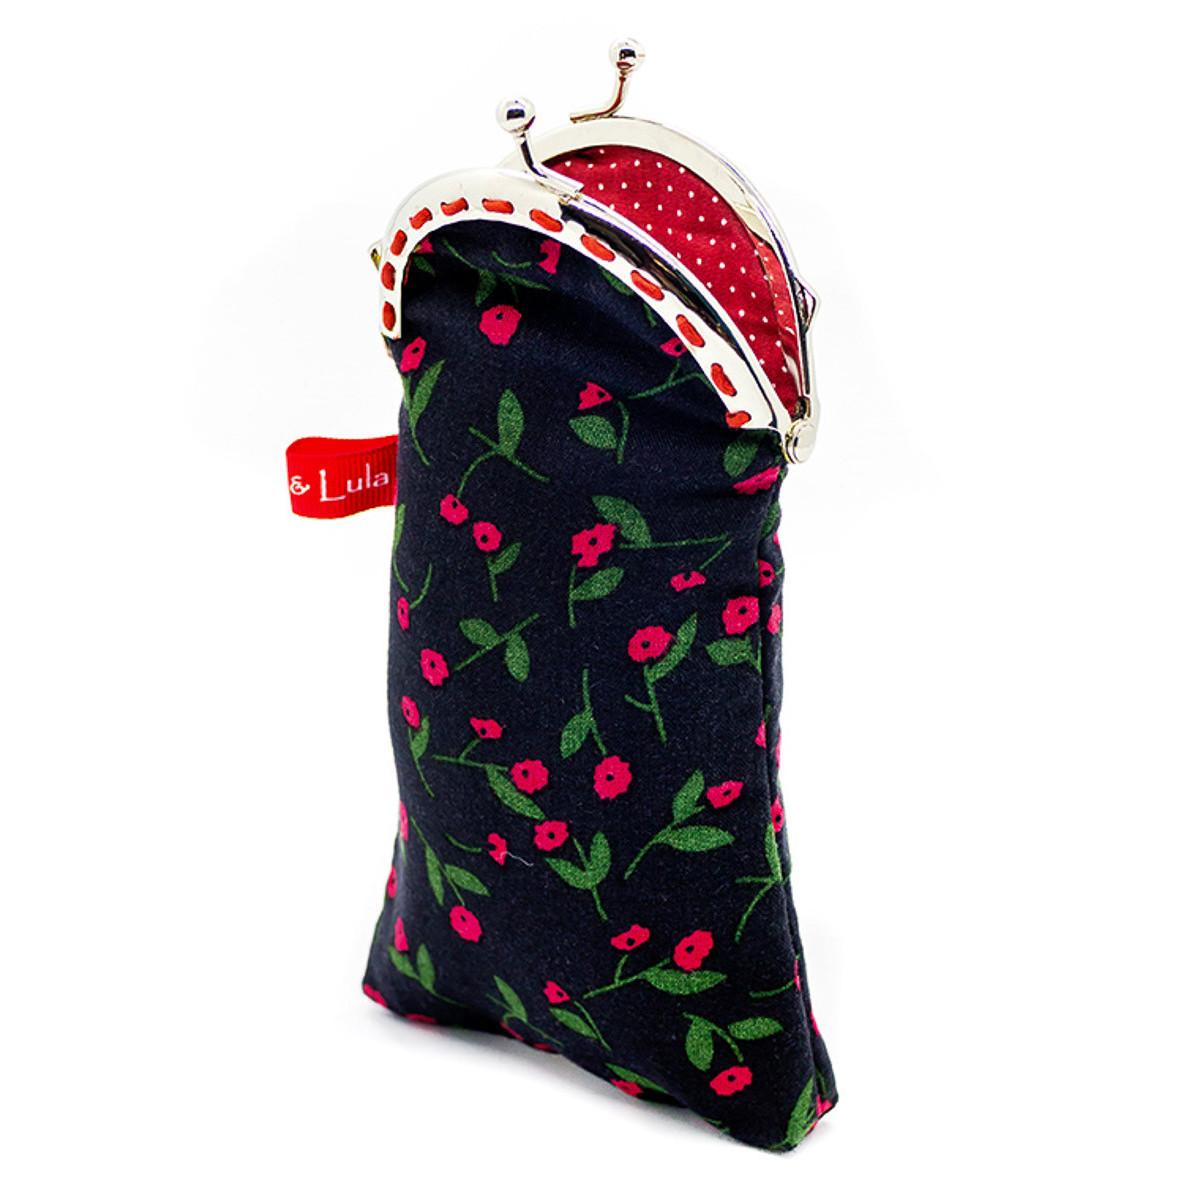 Etui à lunettes coton noir et fleurs rouge fraise